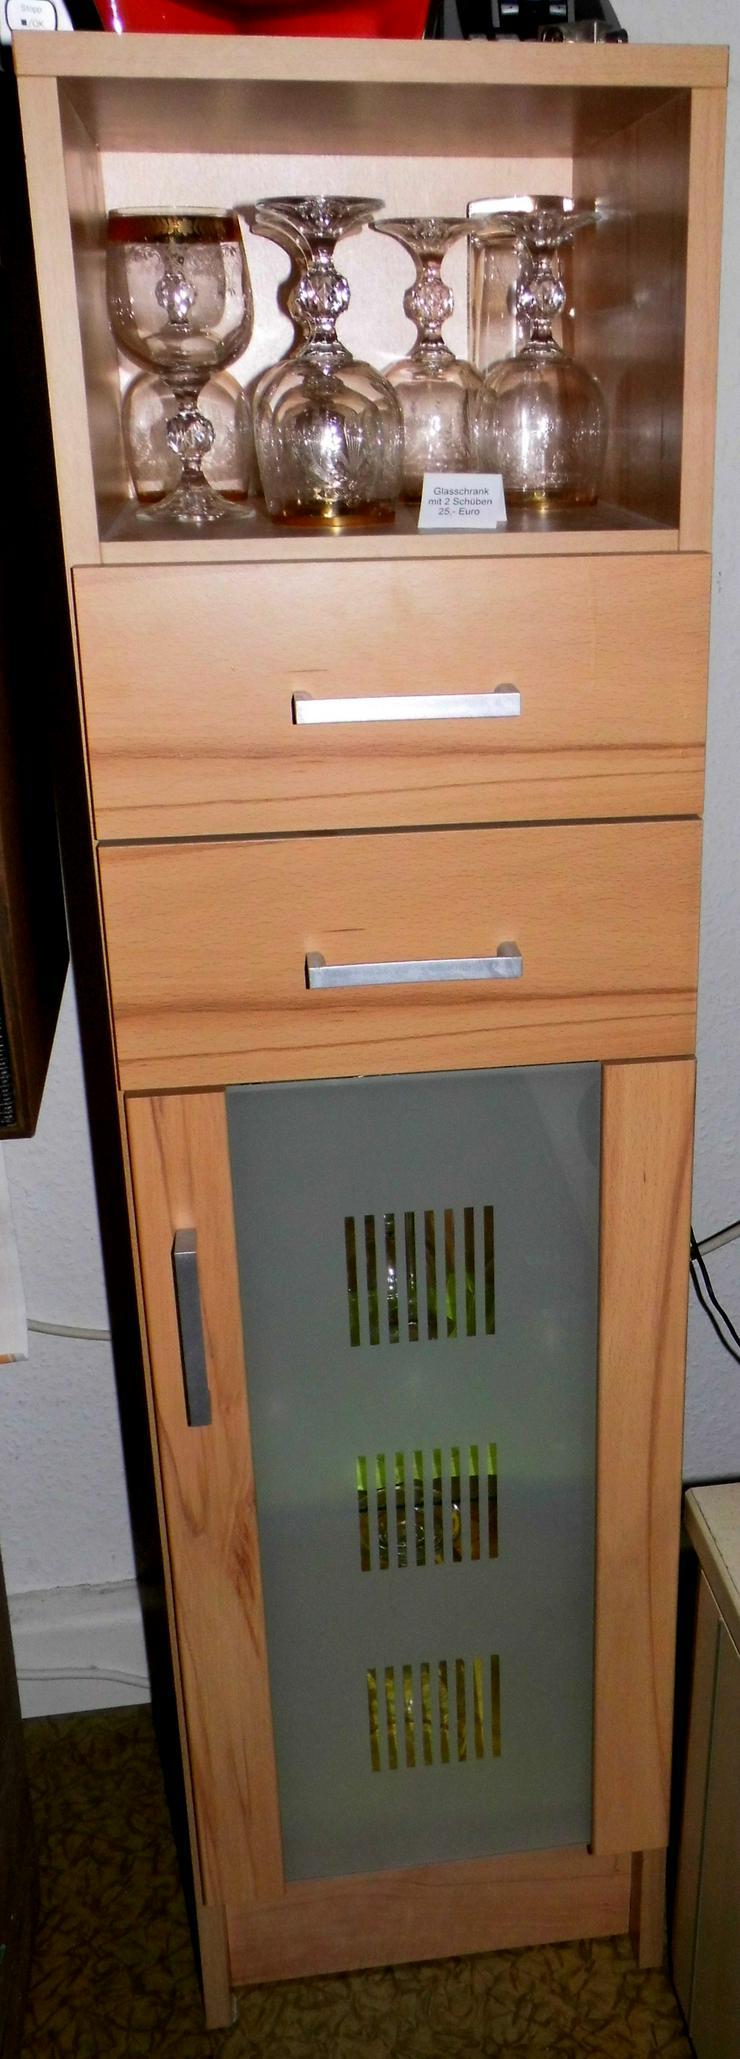 Bild 2: Designglasschrank mit 2 Schubladen sowie großer Glastür